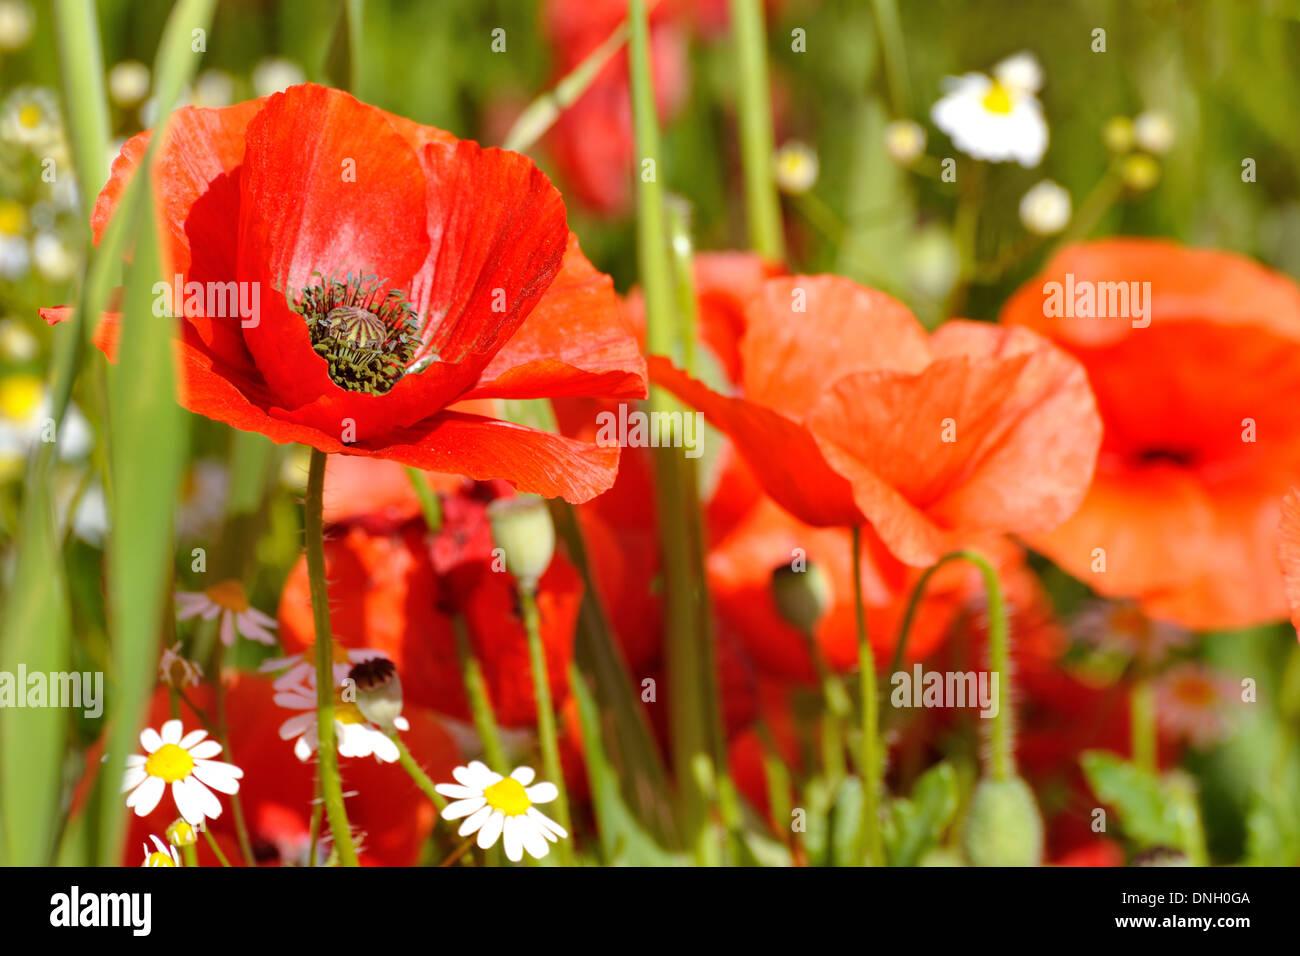 Poppy flower in a field red poppies symbol of remembrance symbol poppy flower in a field red poppies symbol of remembrance symbol of a new summer season mightylinksfo